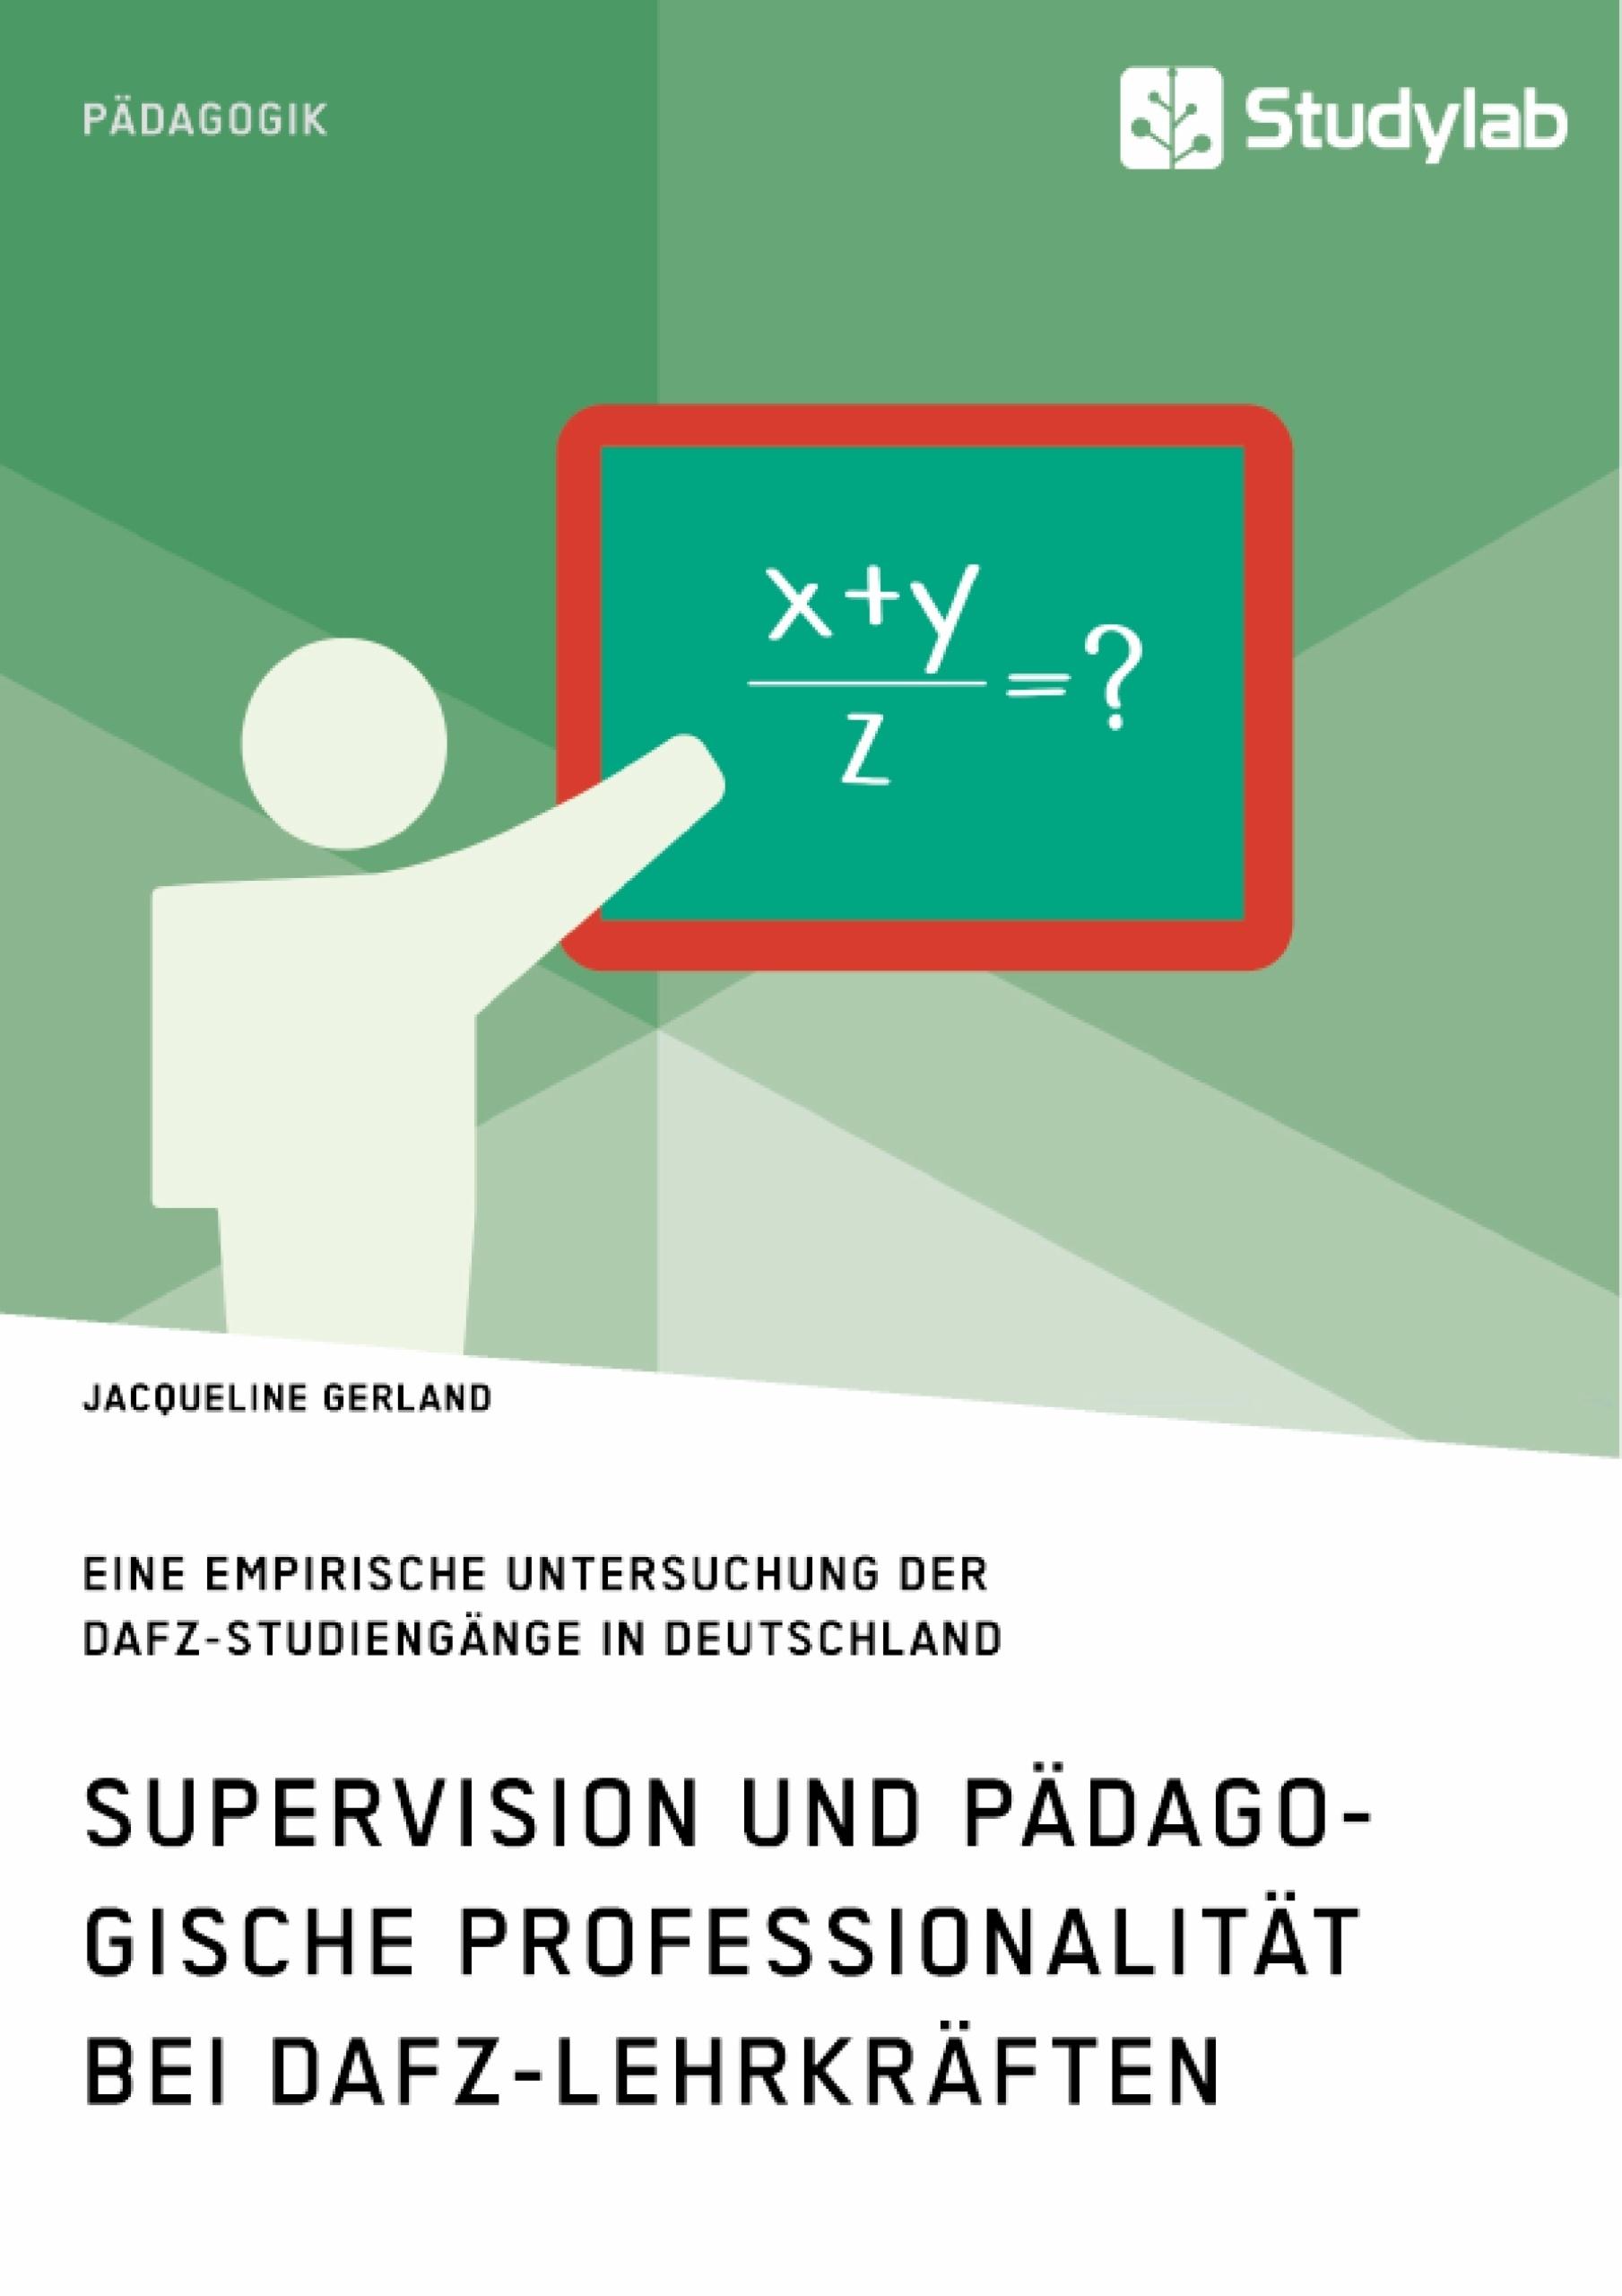 Titel: Supervision und pädagogische Professionalität bei DaFZ-Lehrkräften